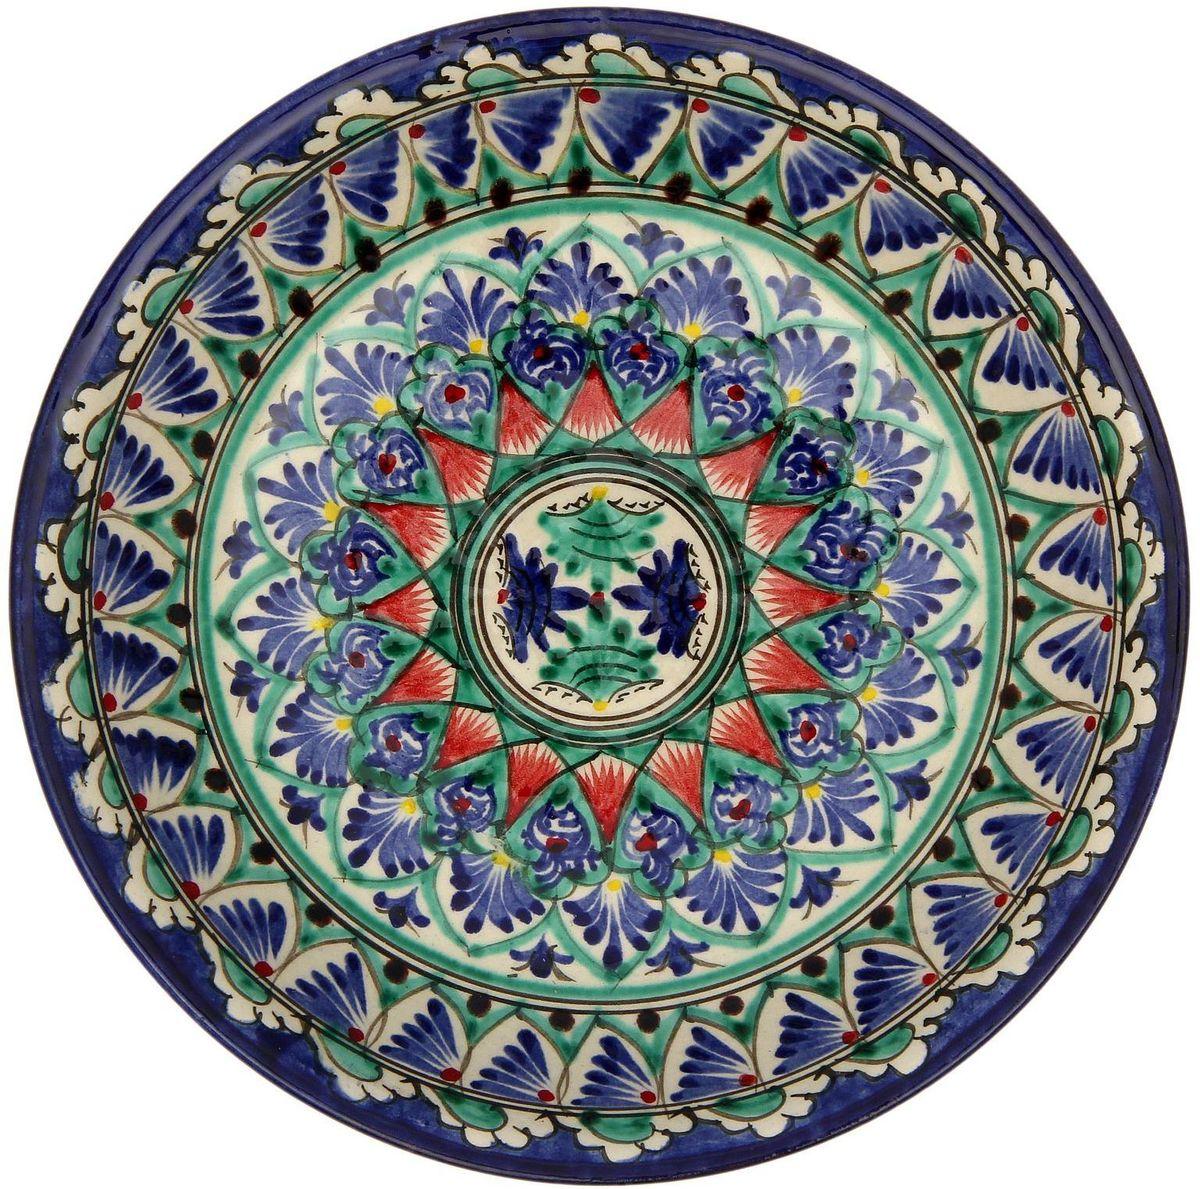 Тарелка Риштанская керамика, диаметр 19 см. 21580072158007Узбекская посуда известна всему миру уже более тысячи лет. Ей любовались царские особы, на ней подавали еду шейхам и знатным персонам. Формула глазури передаётся из поколения в поколение. По сей день качественные изделия продолжают восхищать своей идеальной формой.Данный предмет подойдёт для повседневной и праздничной сервировки. Дополните стол текстилем и салфетками в тон, чтобы получить элегантное убранство с яркими акцентами.